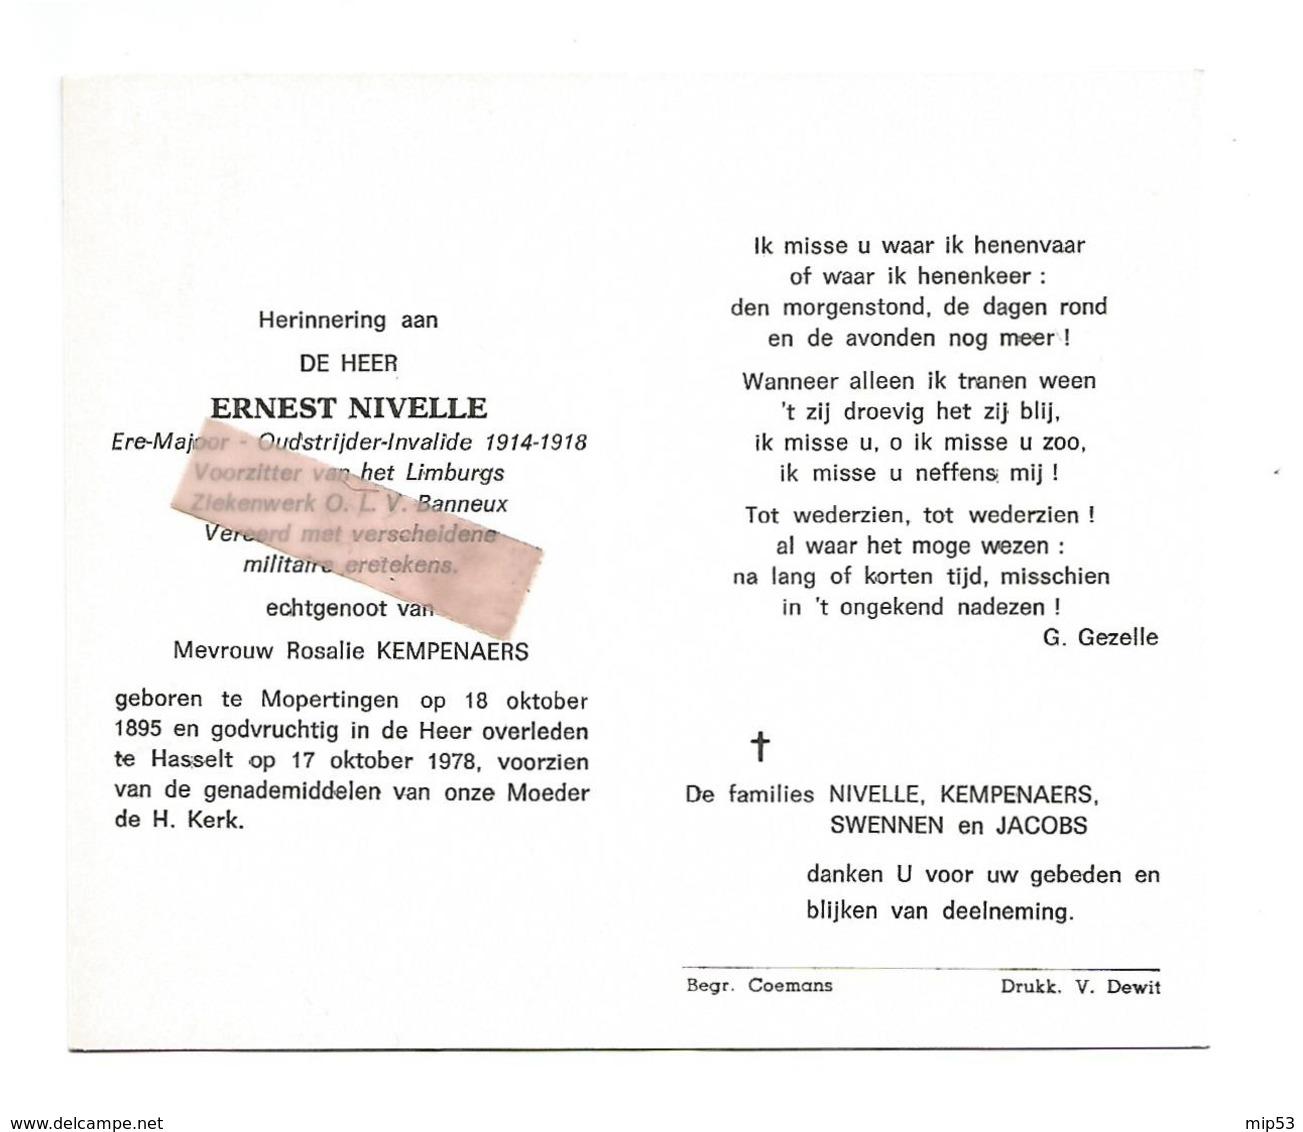 D 635. ERNEST NIVELLE - Ere-Majoor -Oudstrijder-Invalide 14/18 - °MOPERTINGEN 1895 / + HASSELT 1978 - Images Religieuses